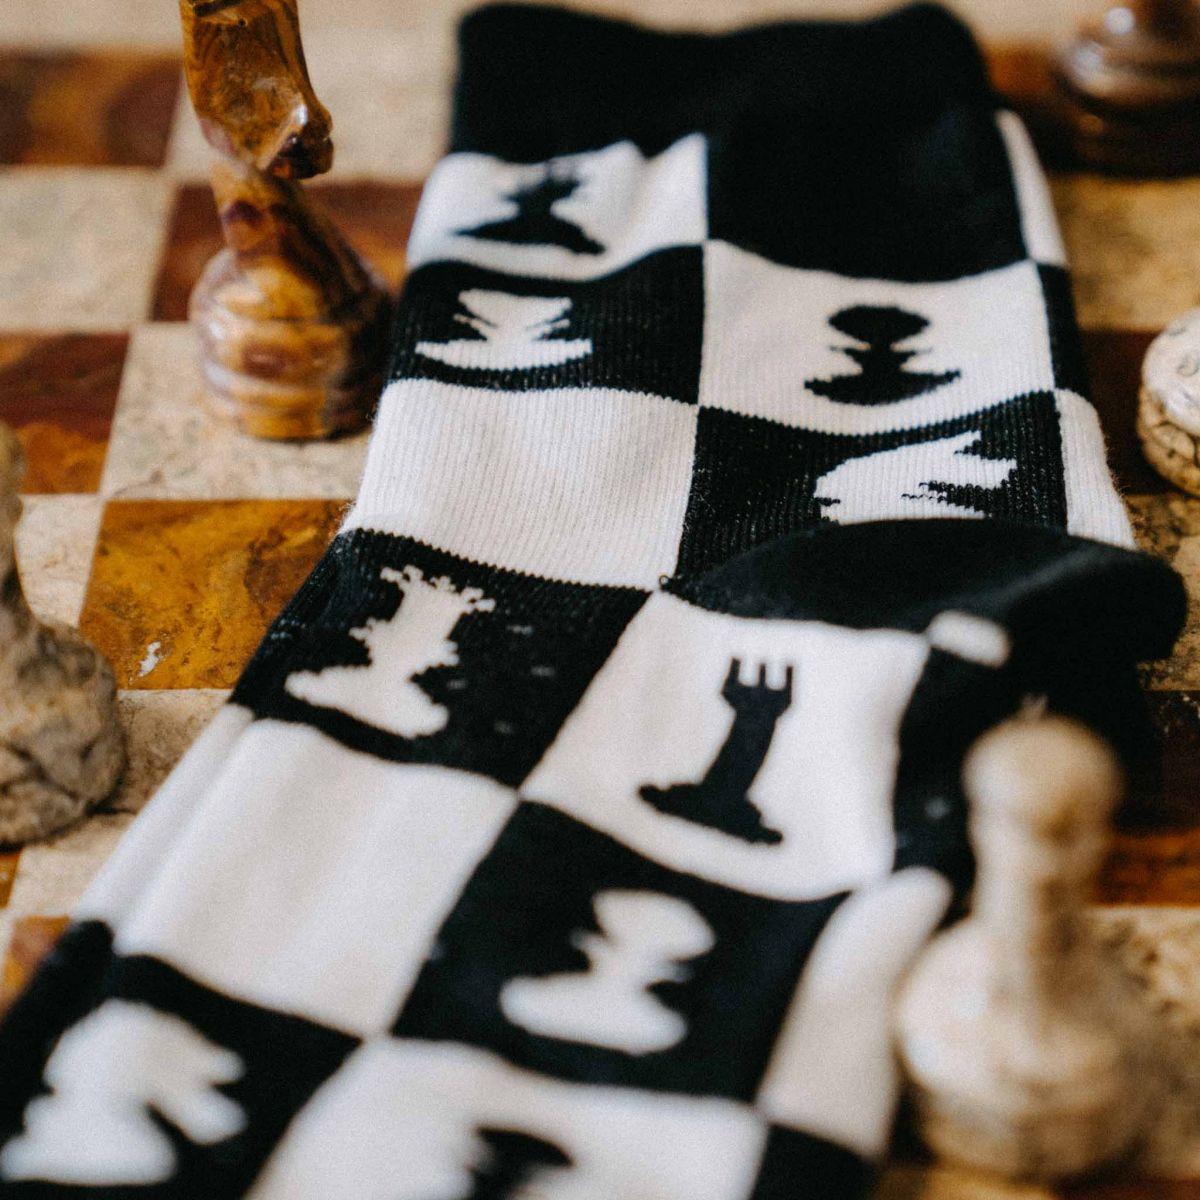 Ponožky - Šach p5